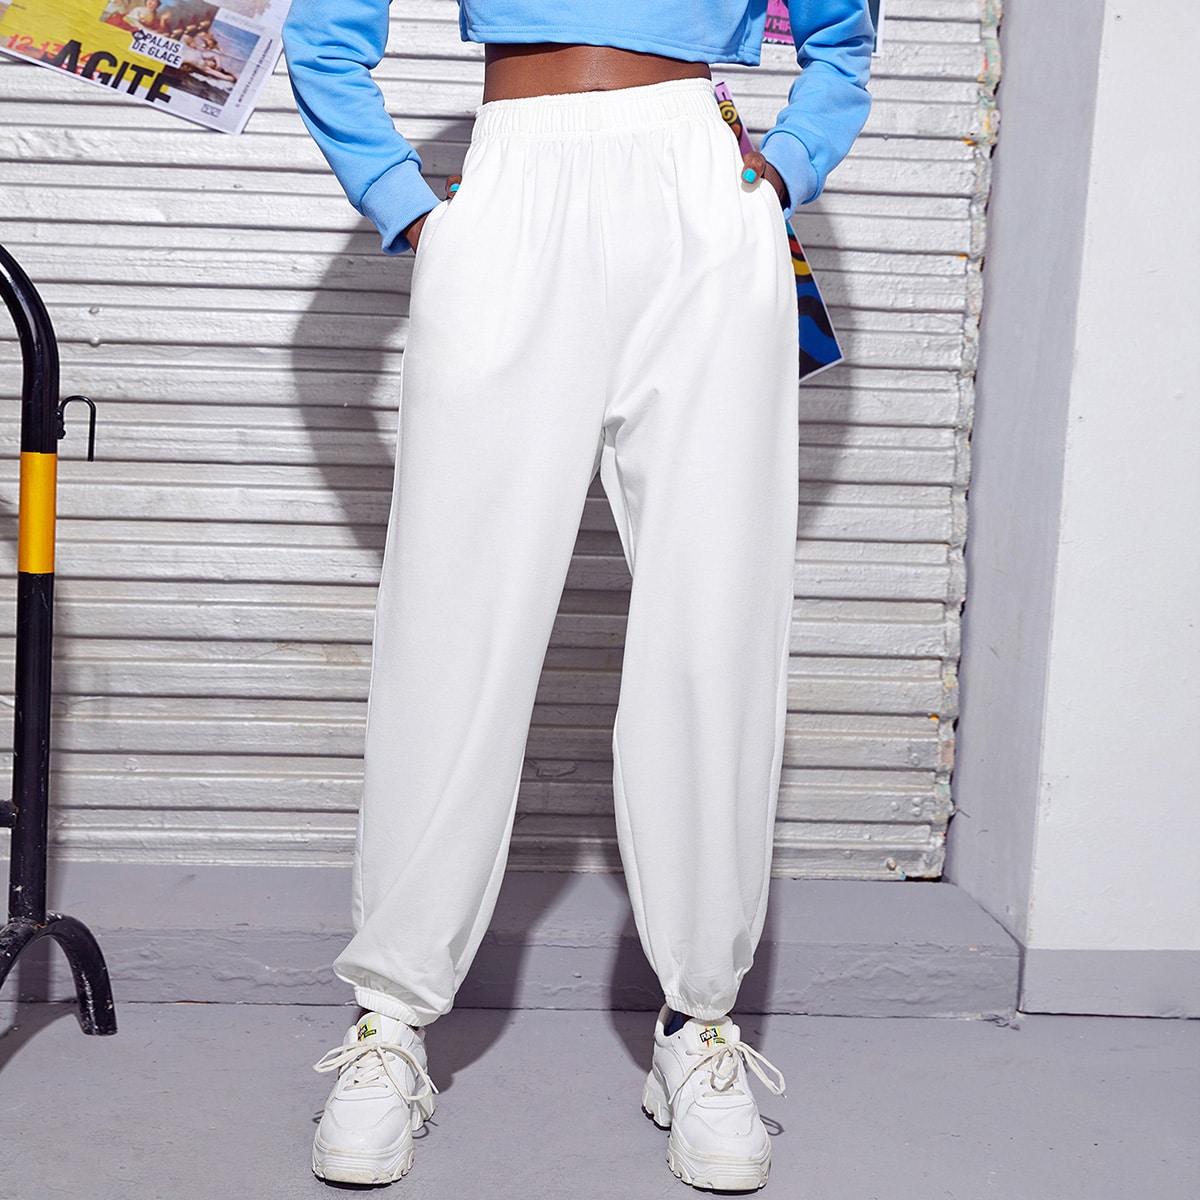 Спортивные брюки с эластичной талией без сумки от SHEIN